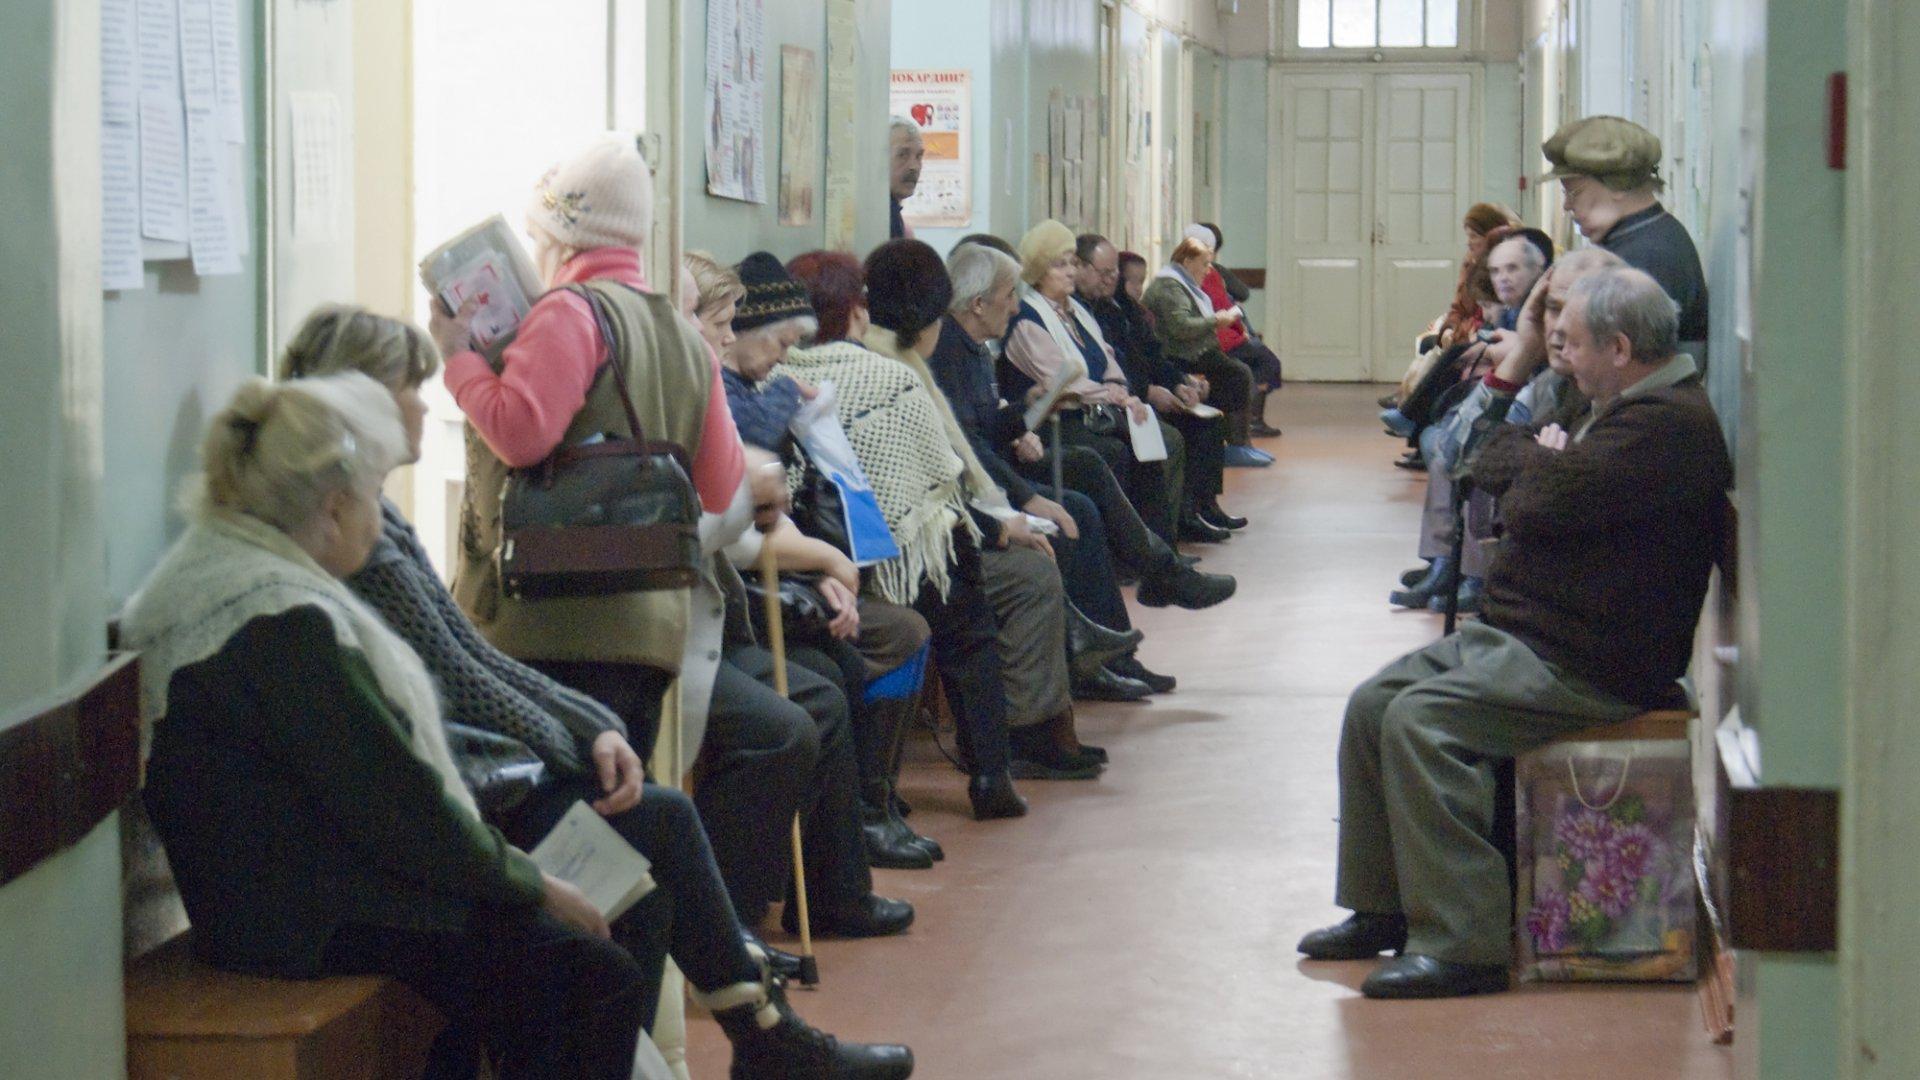 В мэрии Москвы не планируют штрафовать людей, не следящих за здоровьем